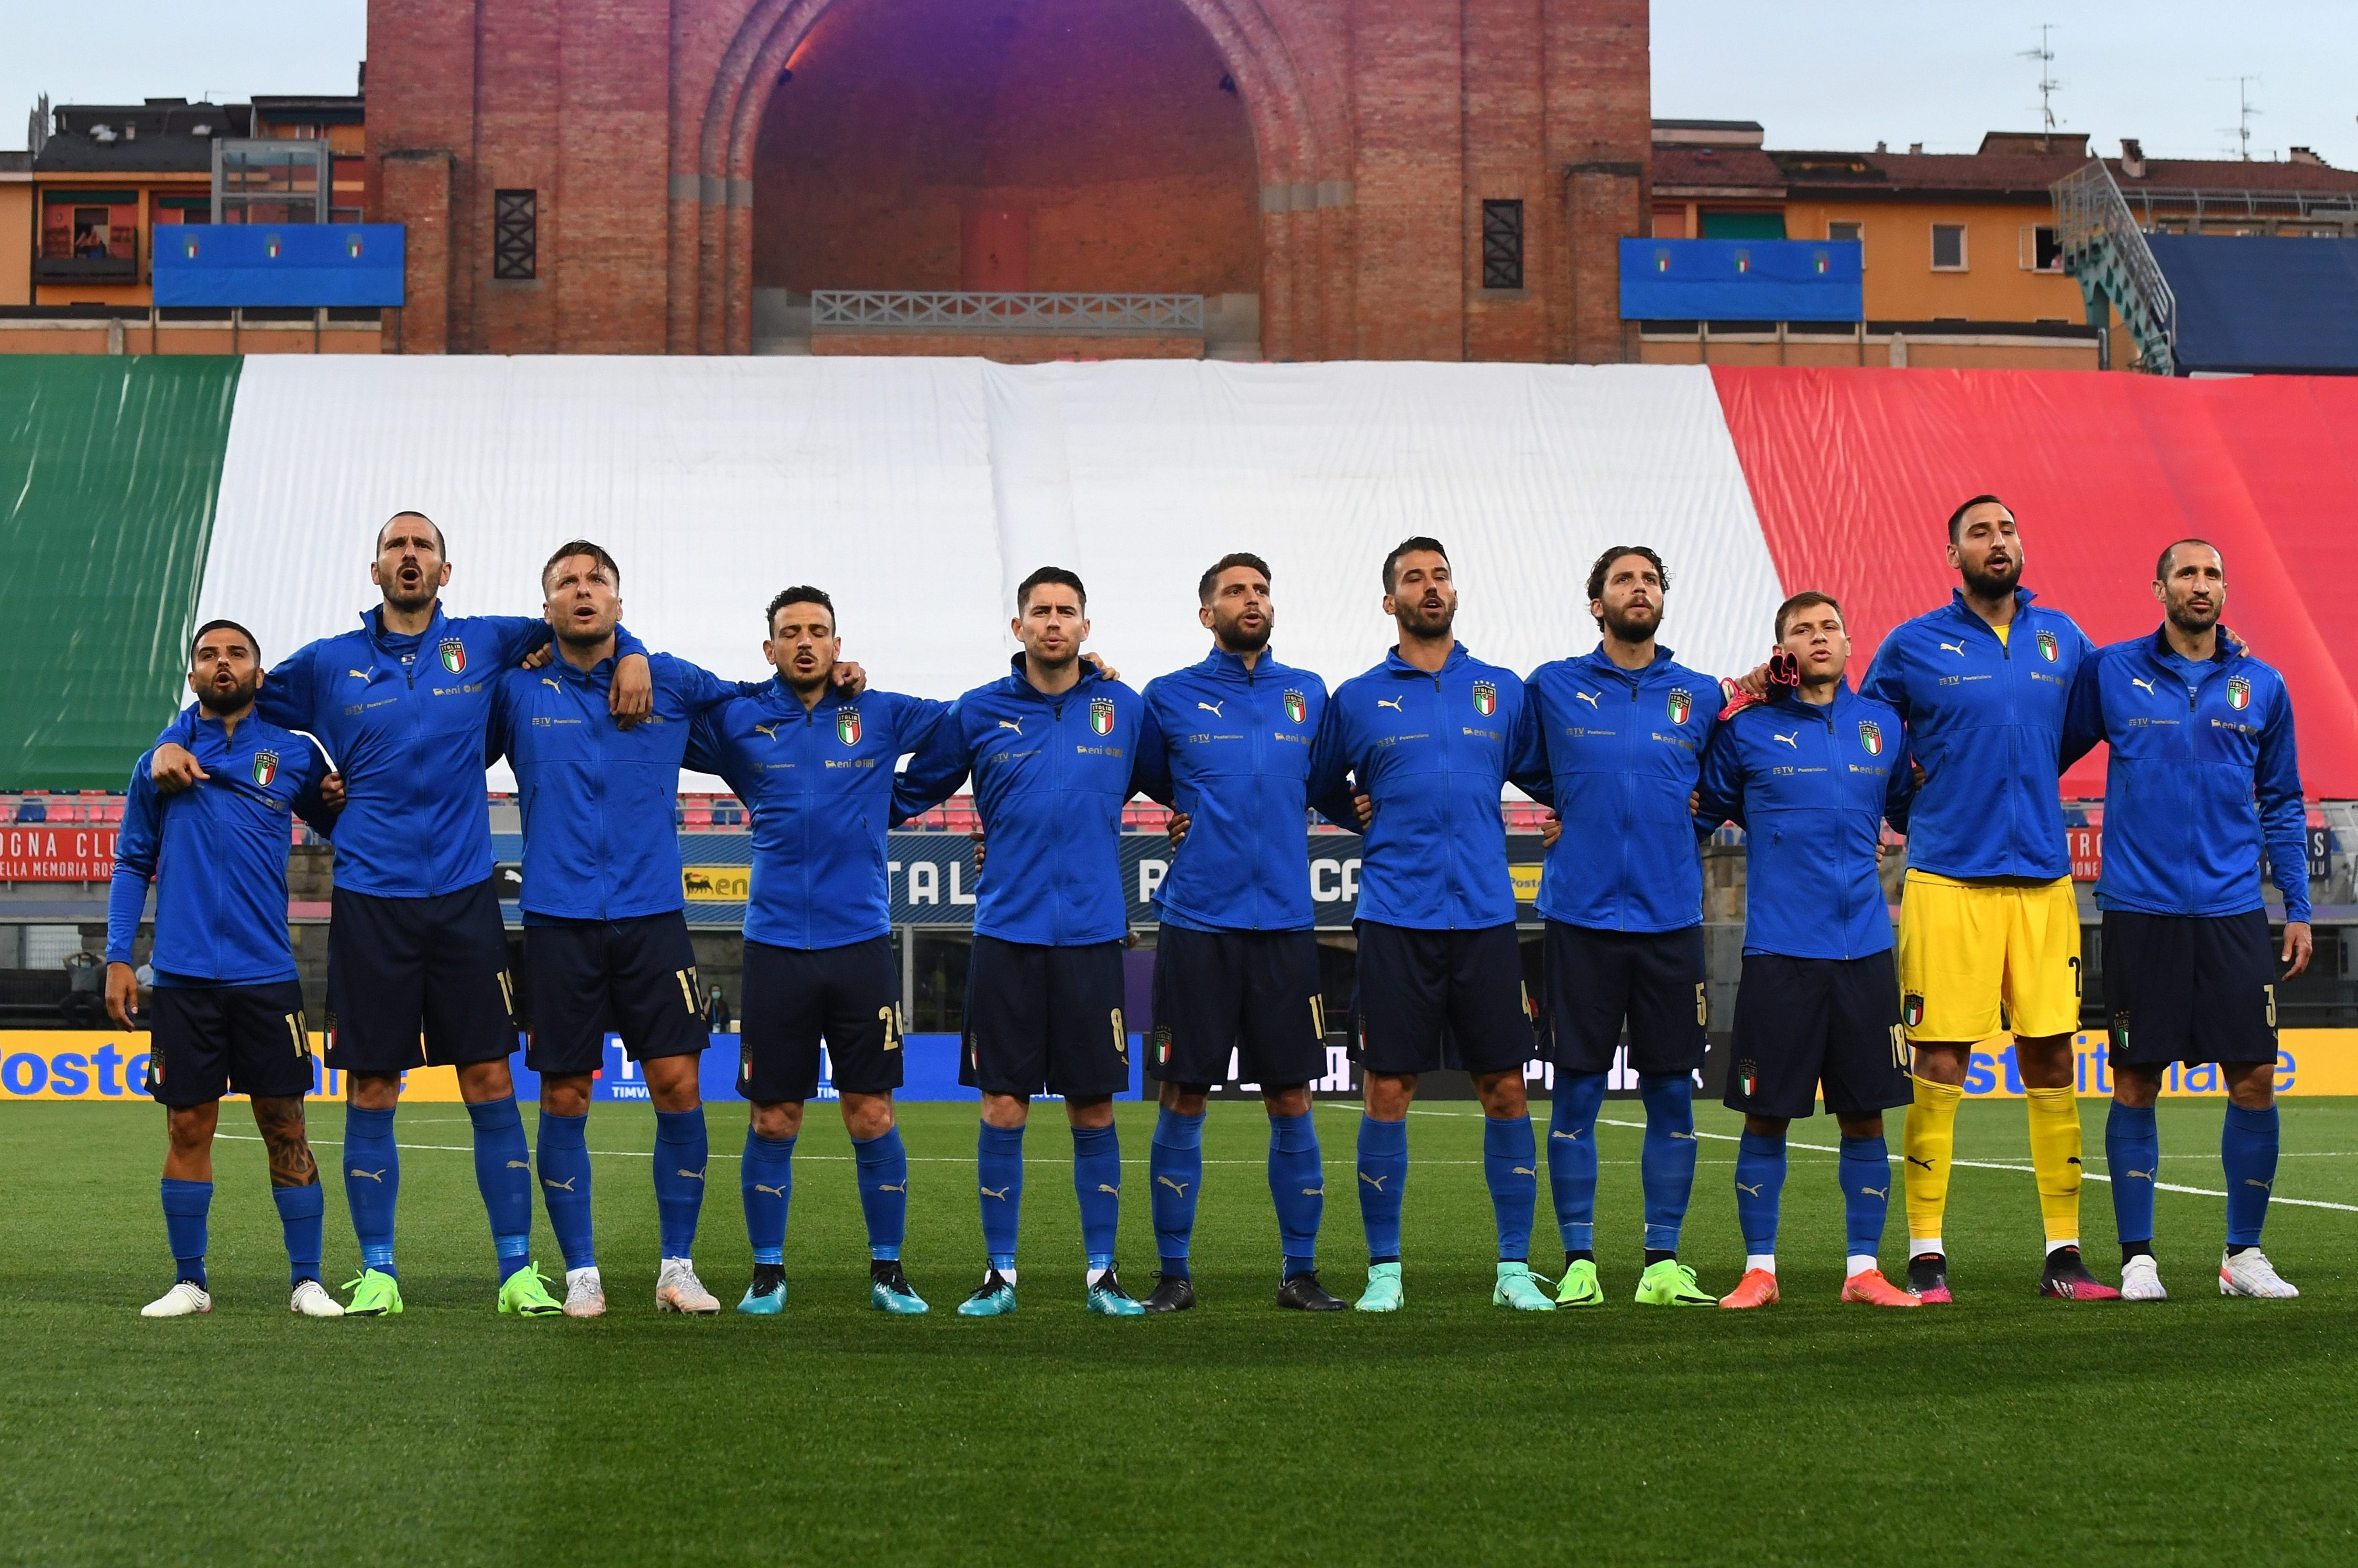 Turchia-Italia giocata dai numeri: gli azzurri a Roma non sbagliano mai